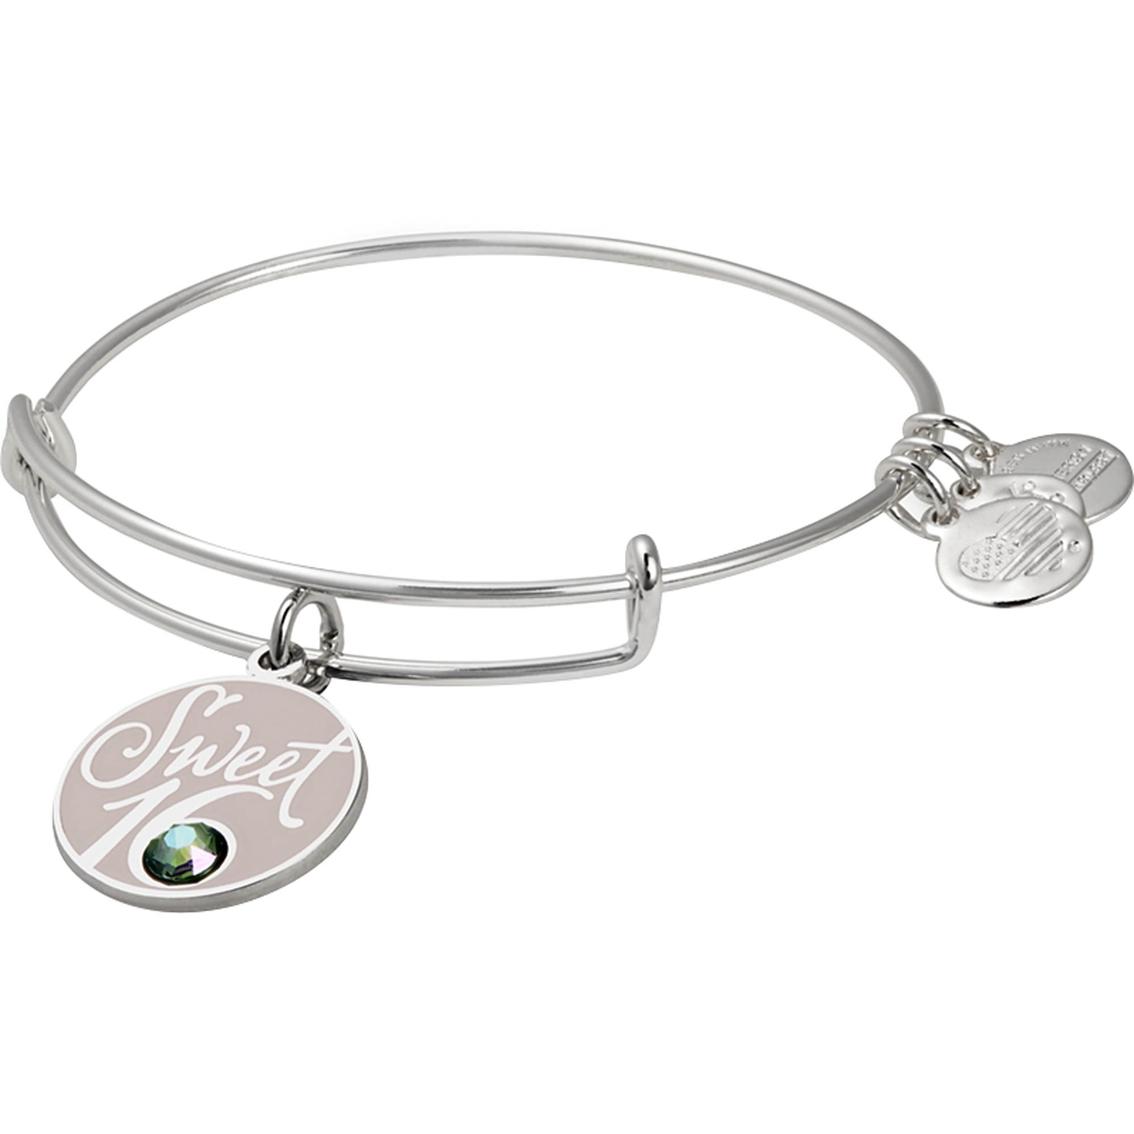 Alex And Ani Sweet 16 Charm Bangle Bracelet Fashion